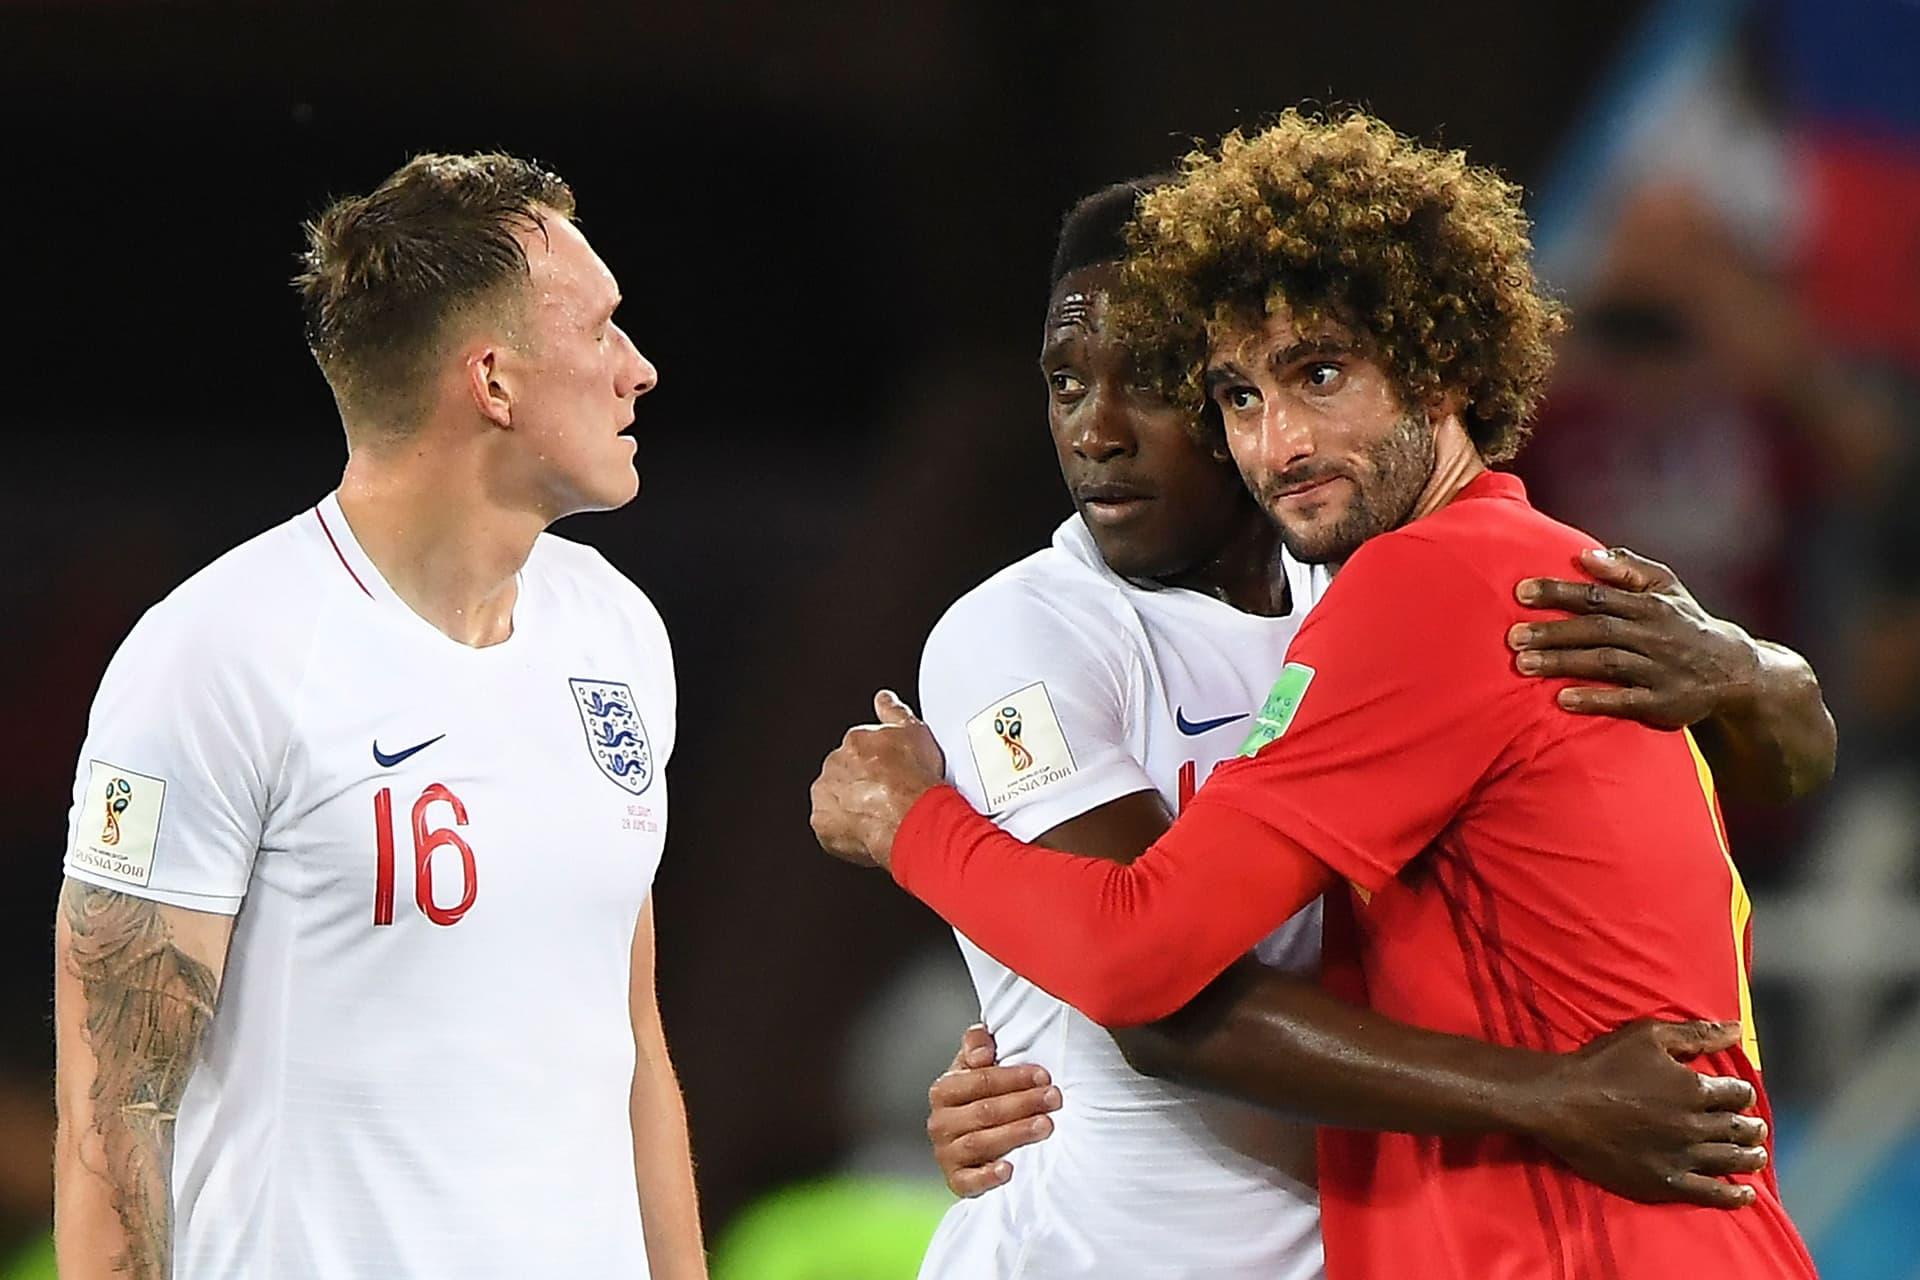 Englannin Danny Welbeck ja Blegian Marouane Fellaini ottelun jälkitunnelmissa.